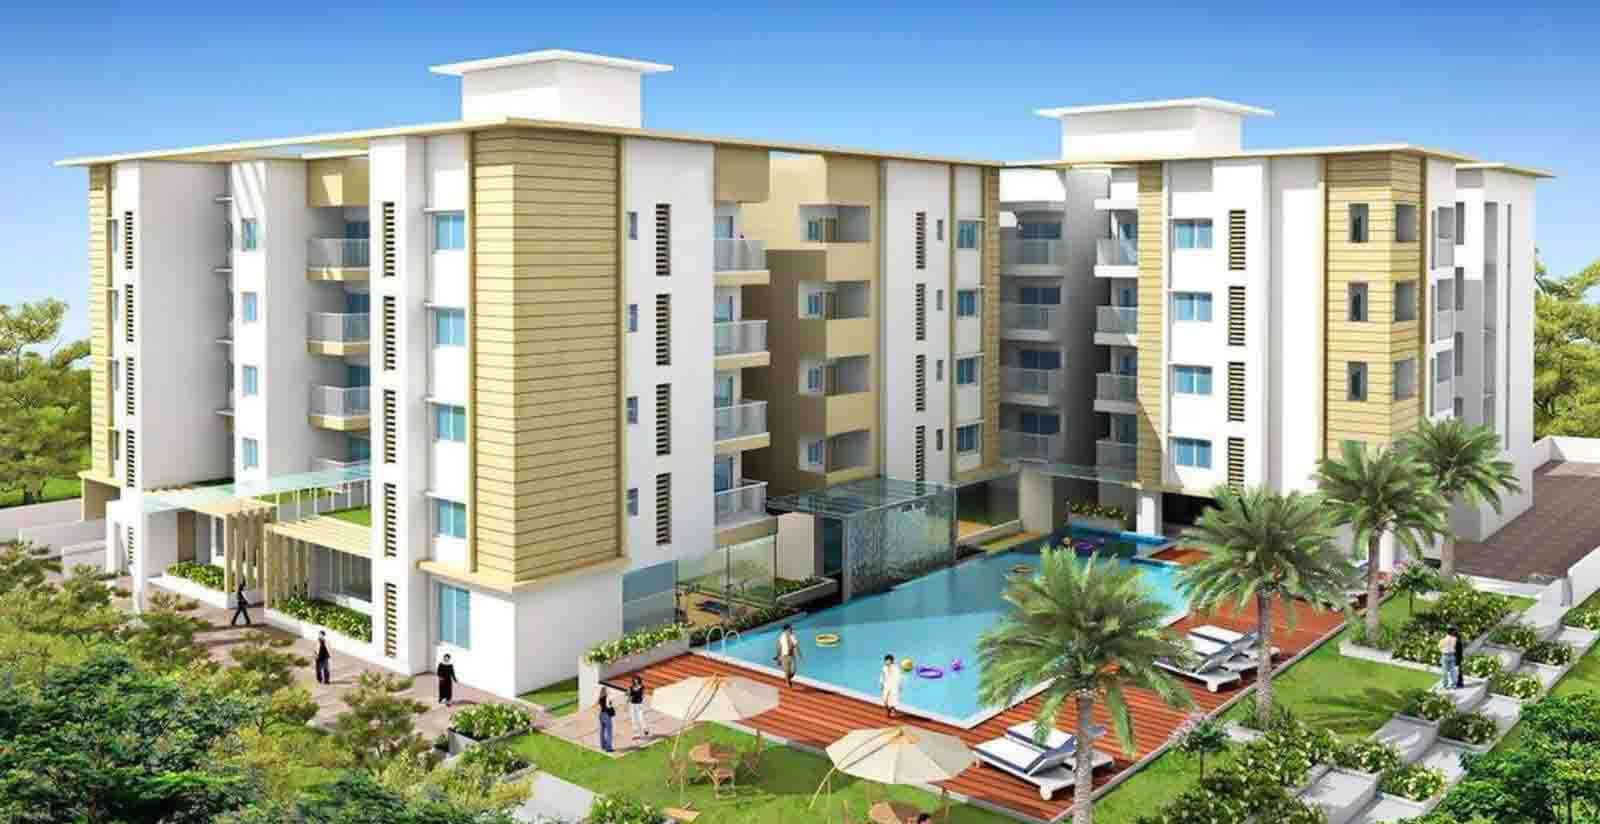 Oceanus Vista Phase II Sarjapur Road Bangalore 4265